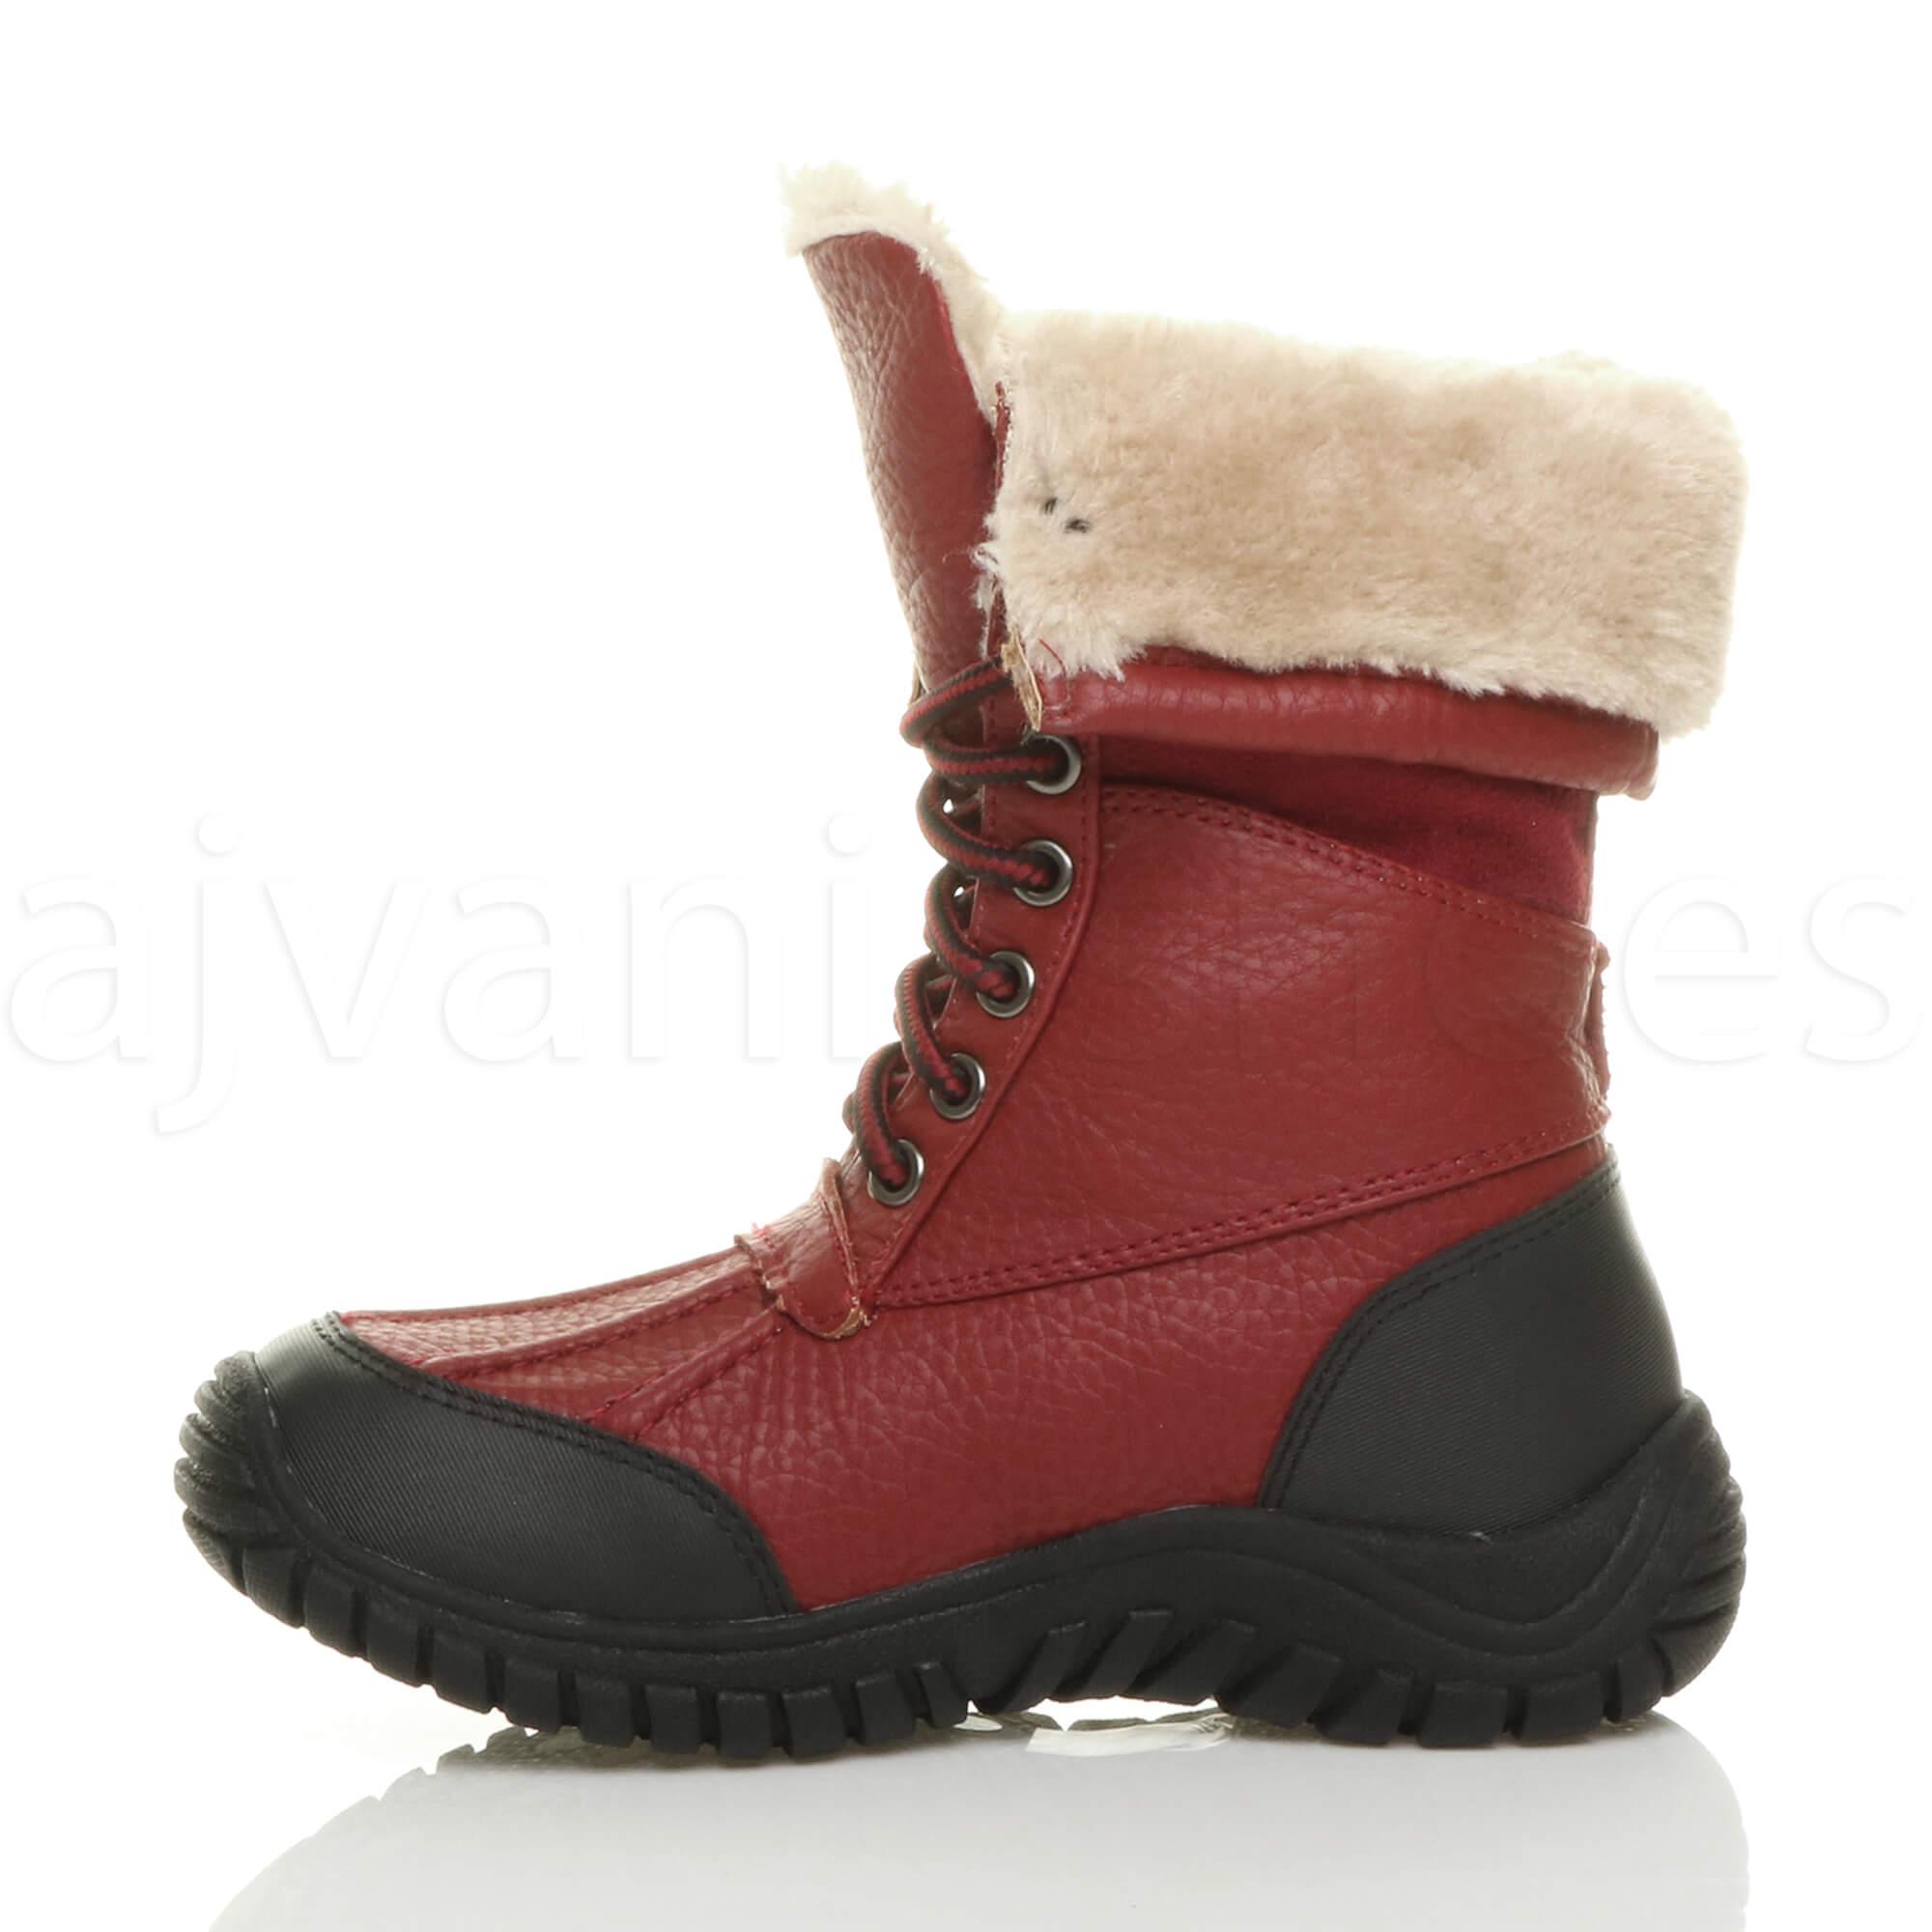 Filles-enfants-lacets-doublure-en-fourrure-mollet-neige-bottes-d-039-hiver-pointure